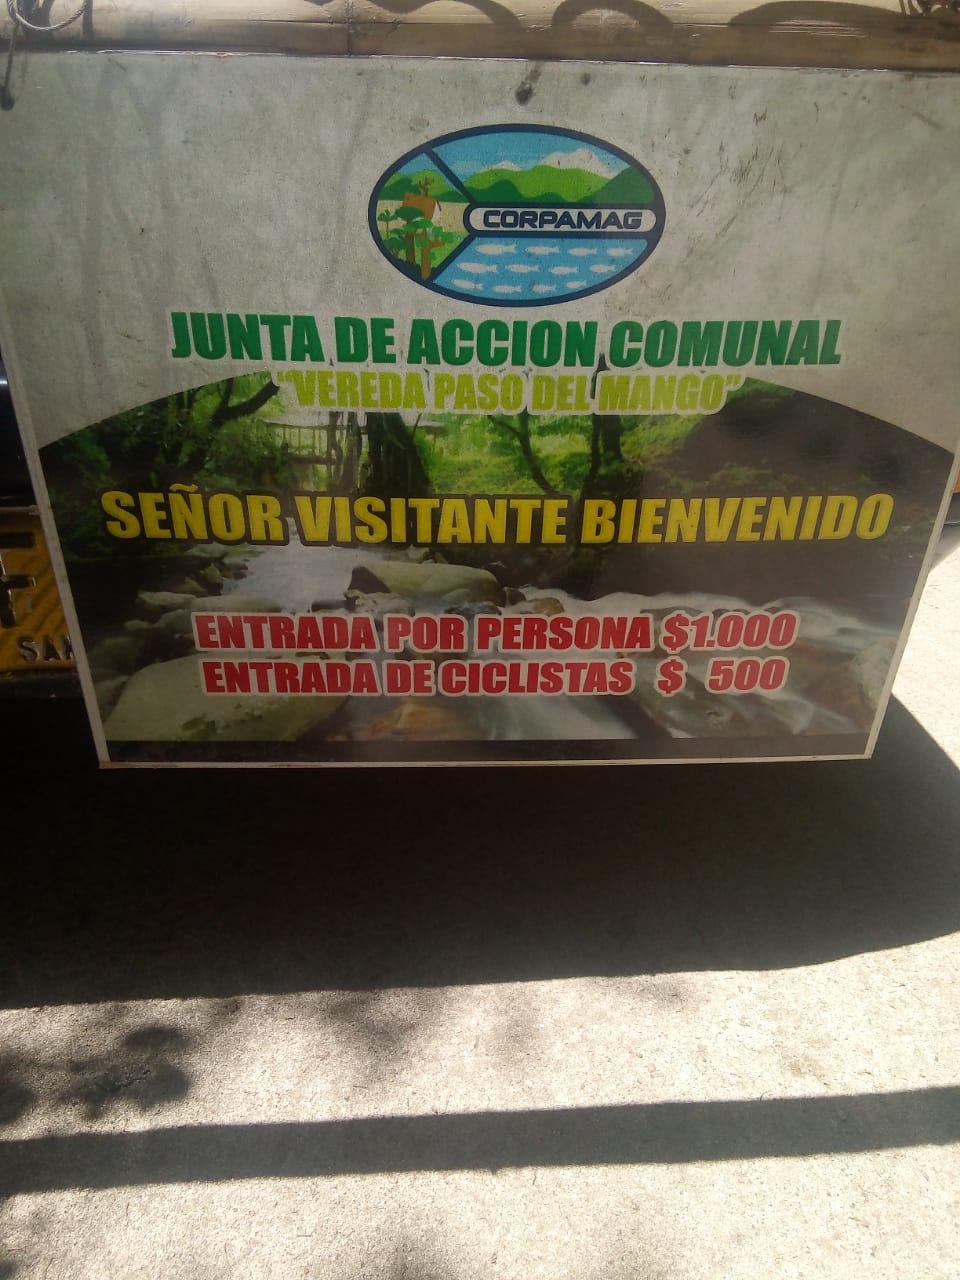 Avisos que usan sin consentimiento el logo de Corpamag